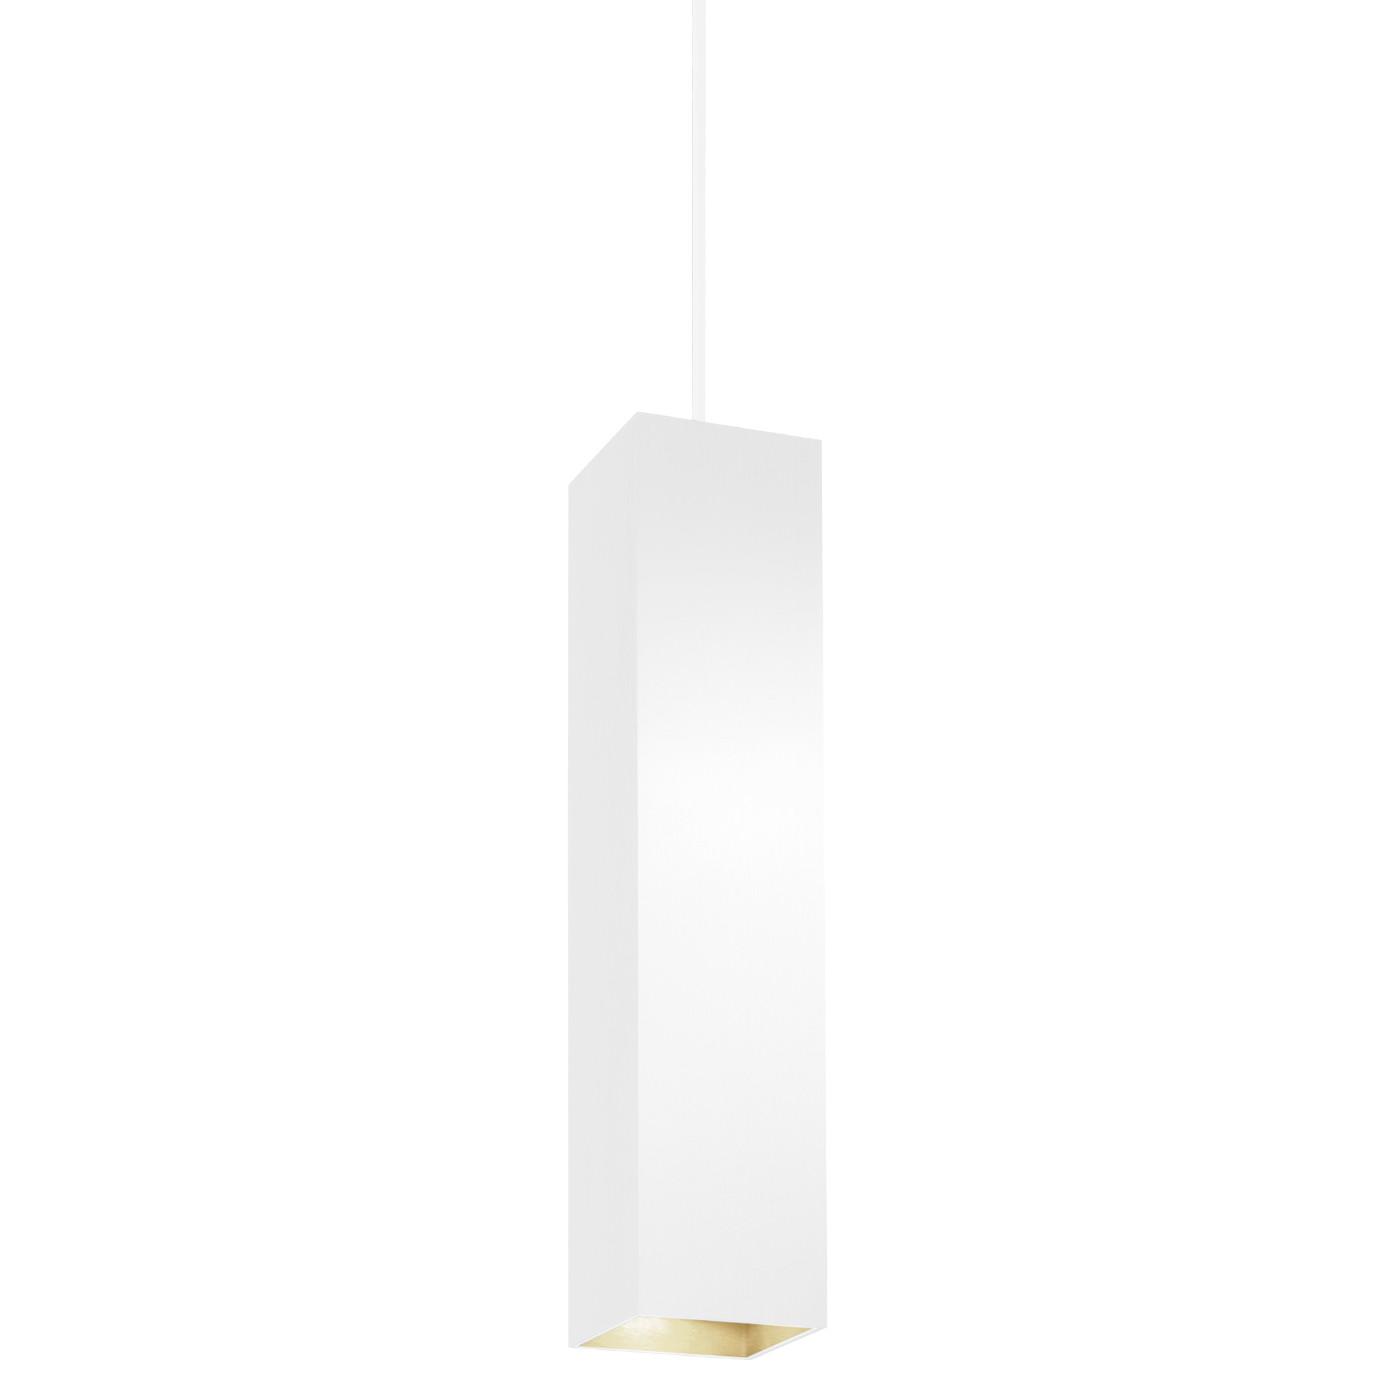 Wever & Ducré Box 3.0 Suspension LED